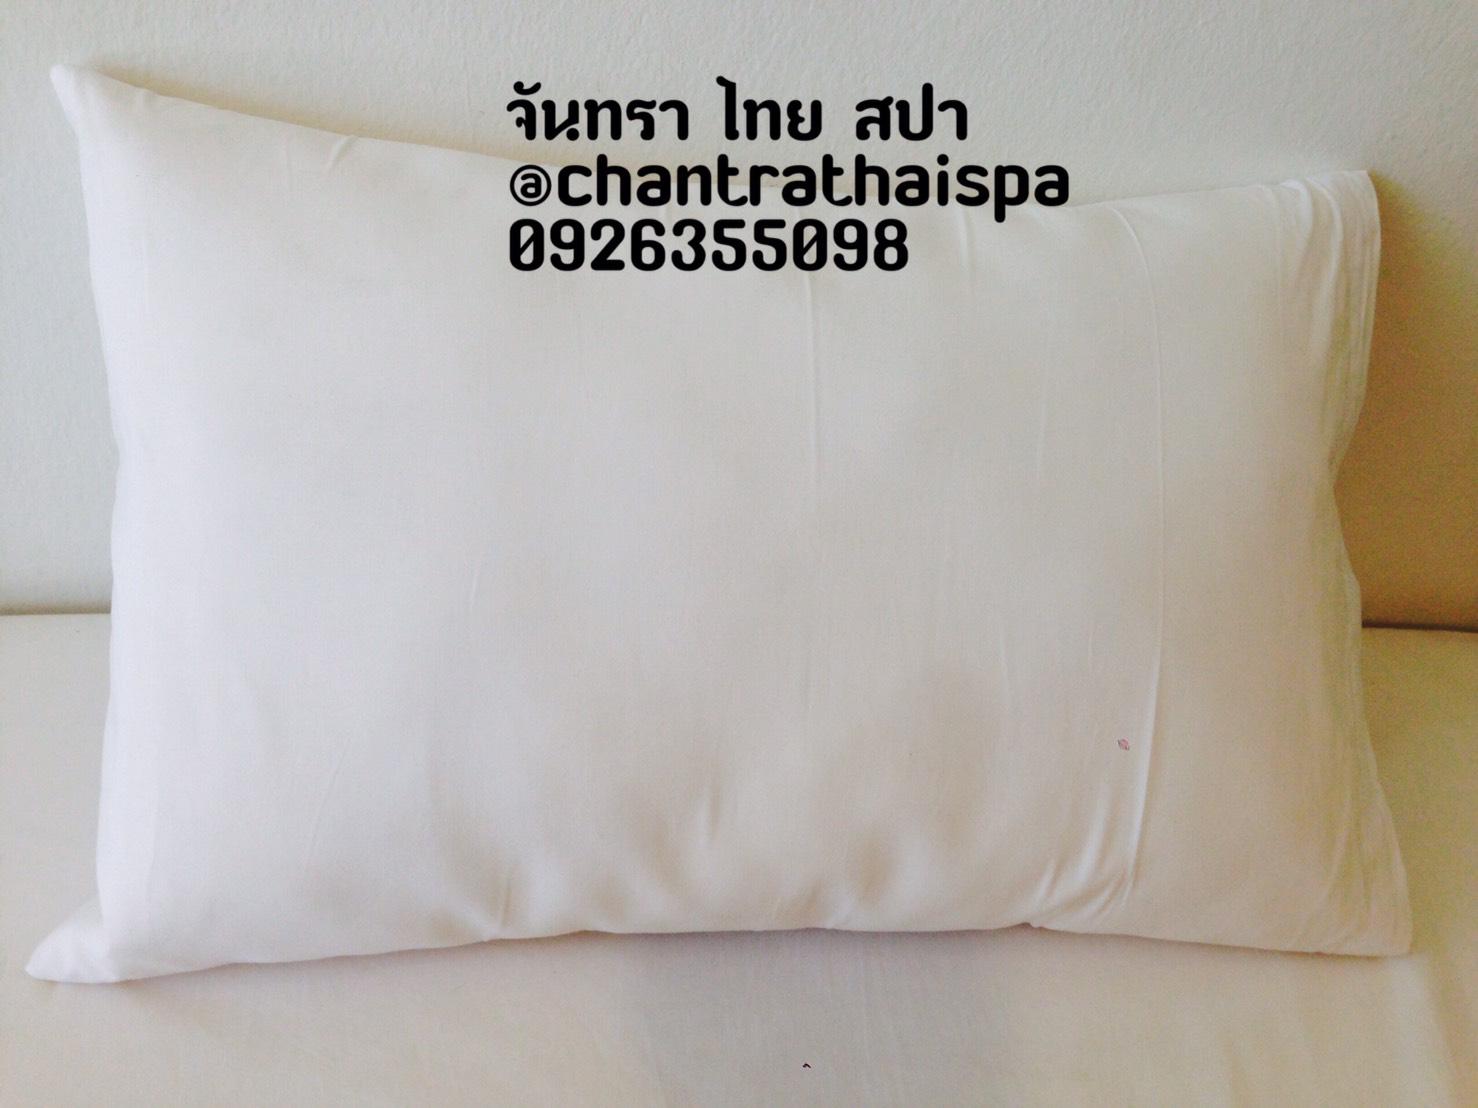 หมอนนวดไทย